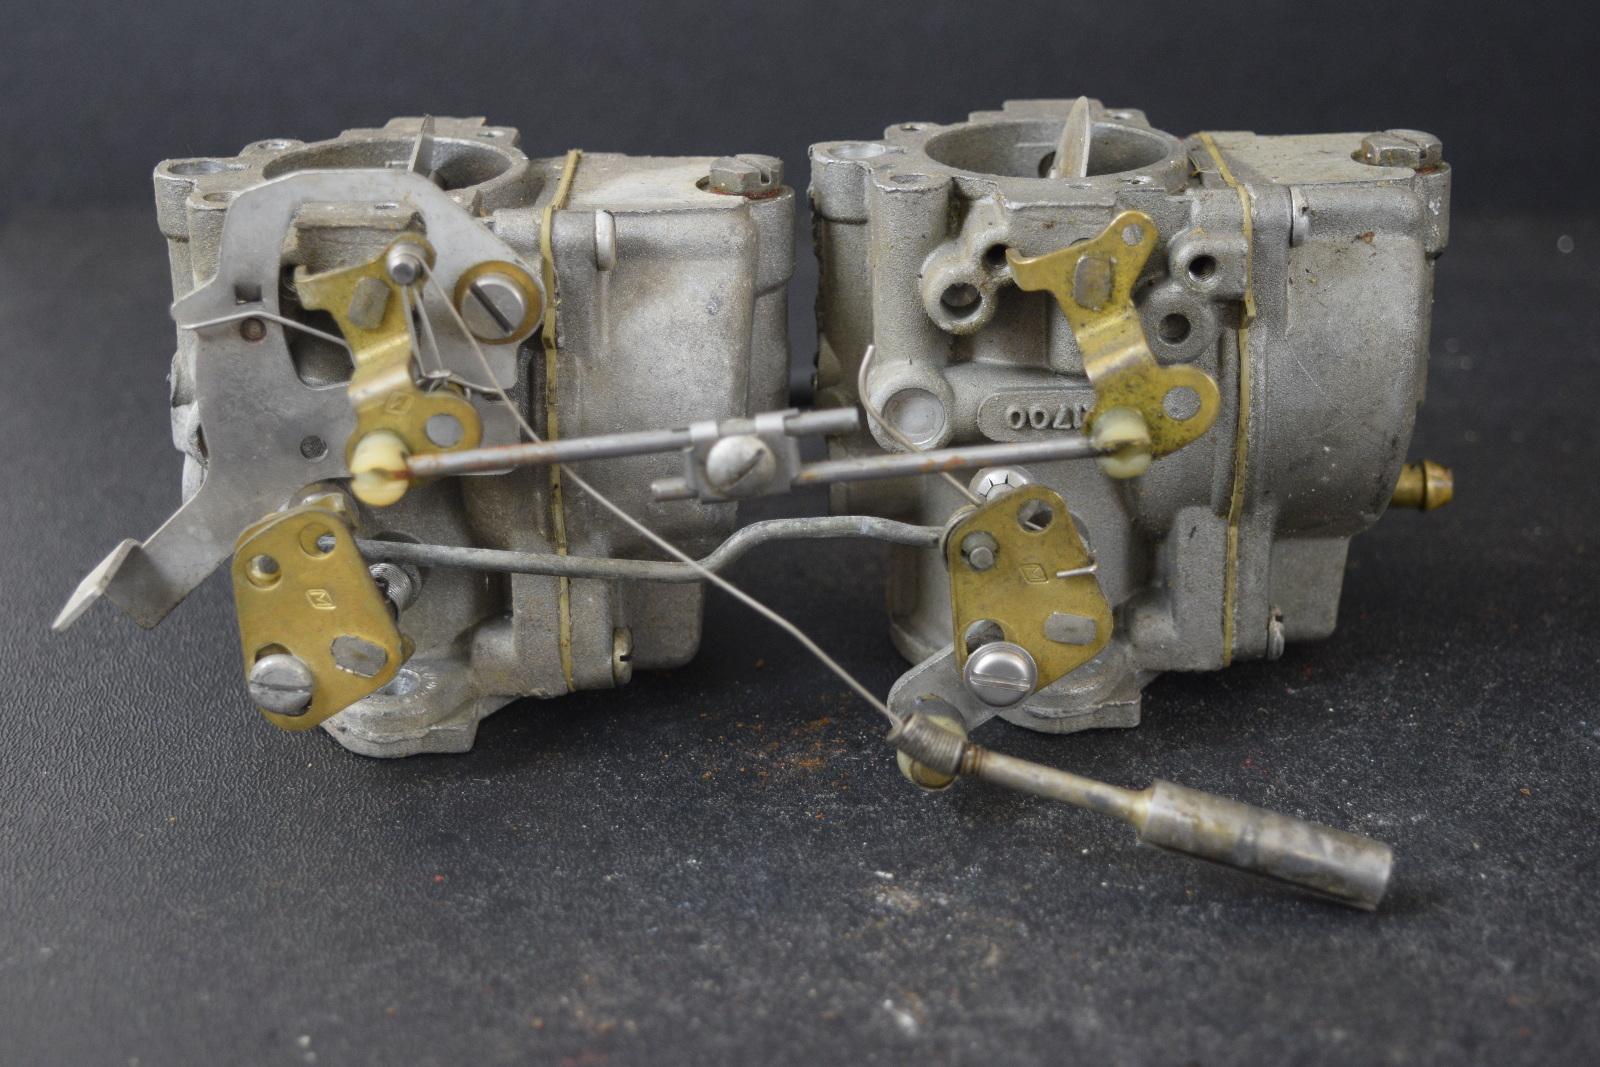 Crb Refurbished Johnson Evinrude Carburetor Set Hp on Carburetor For Mercury Outboards